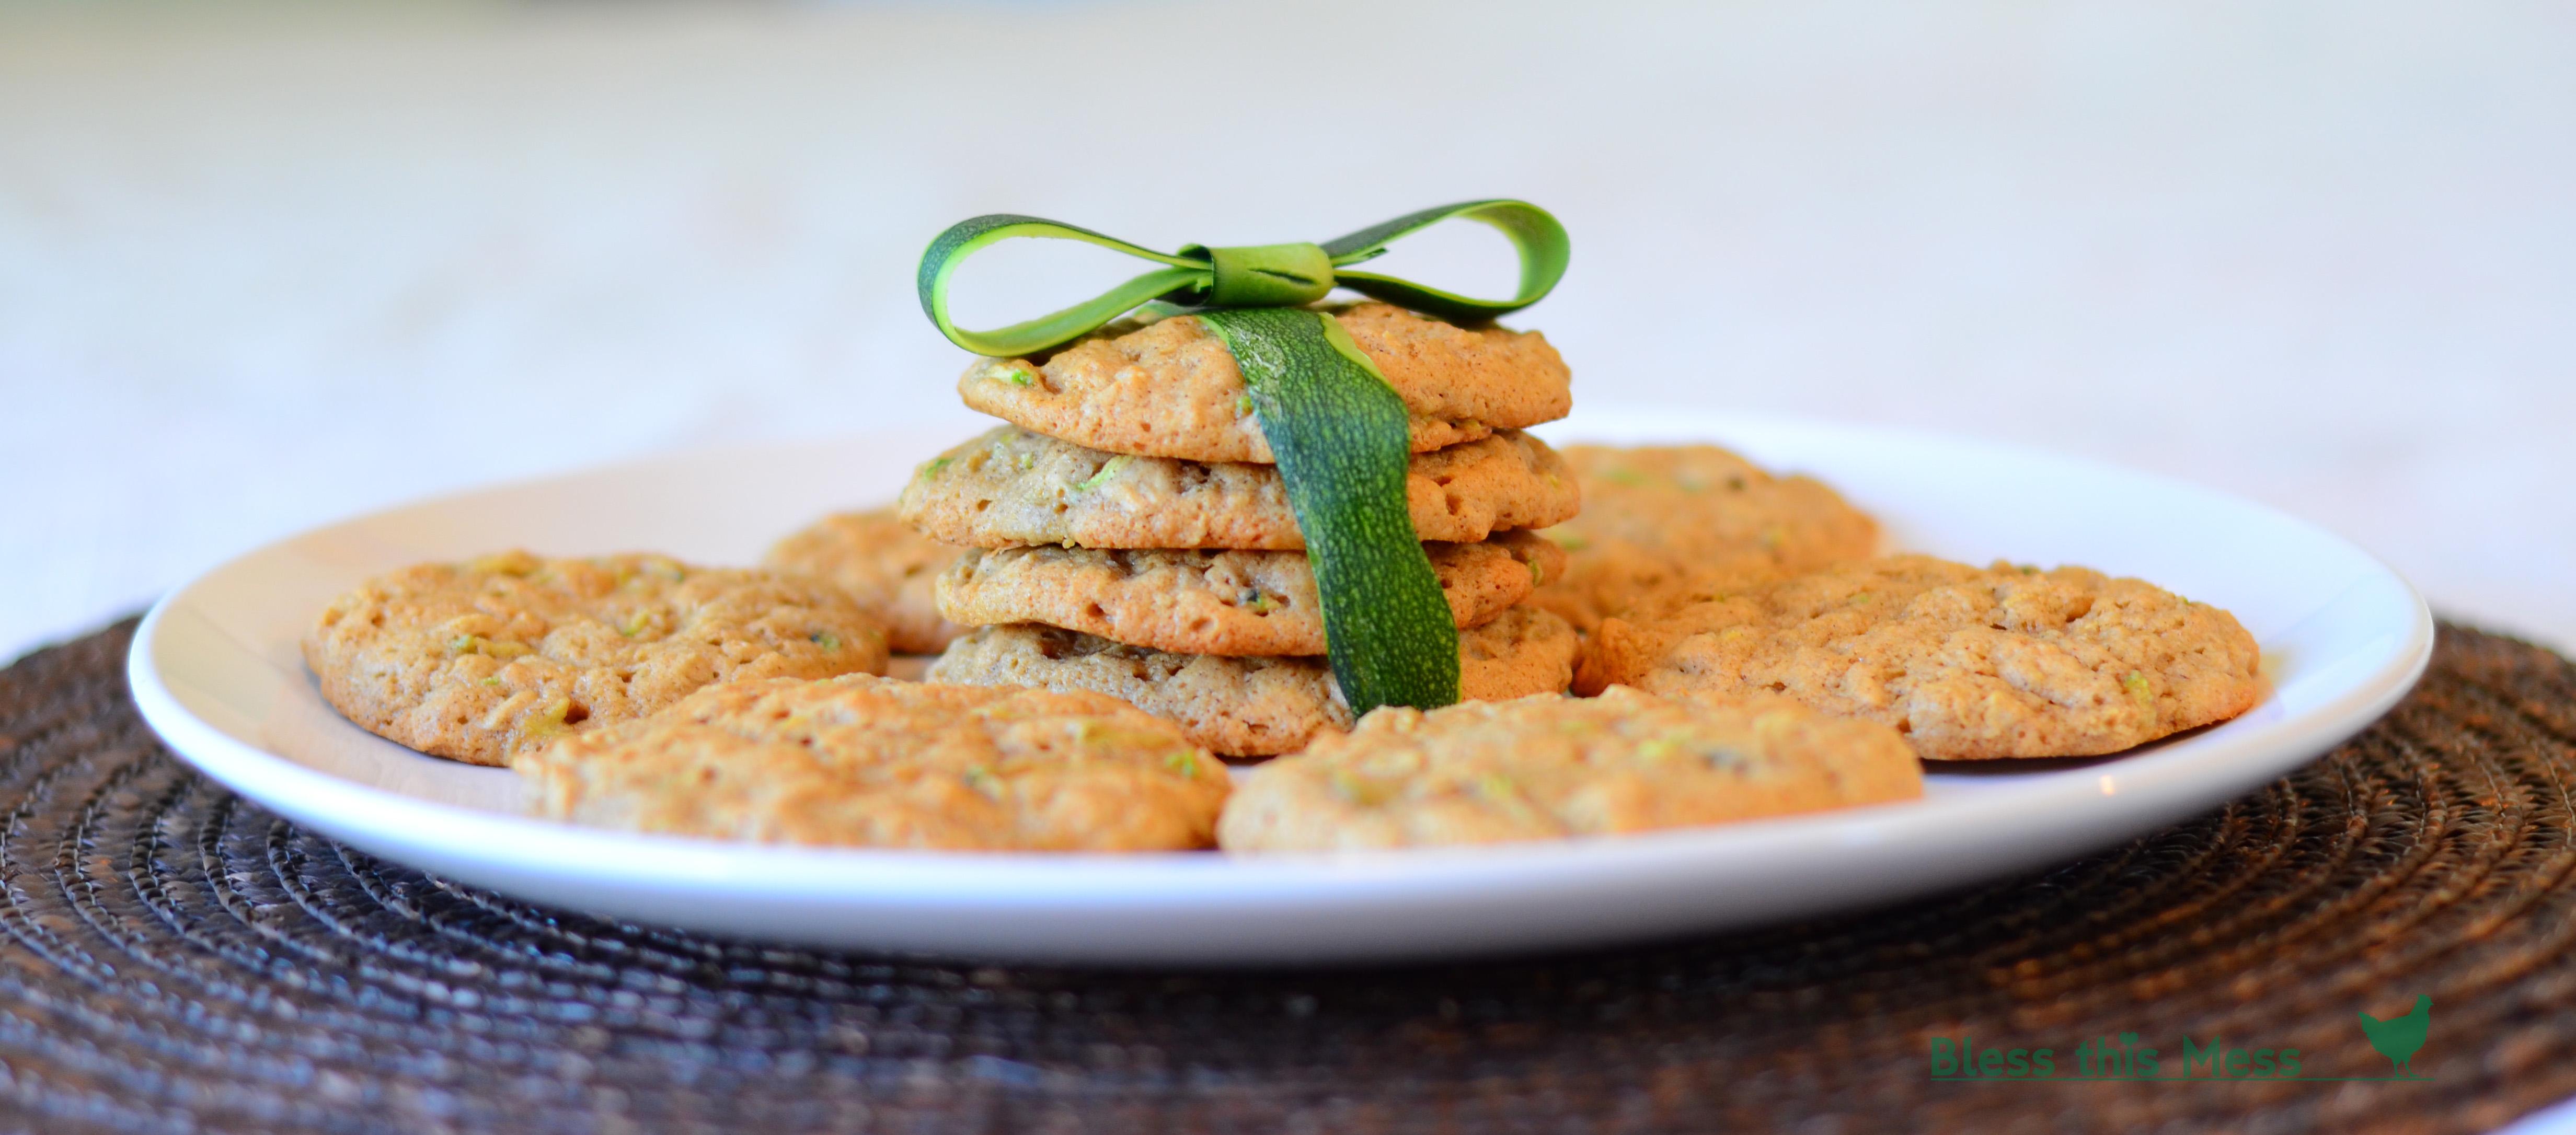 Whole Foods Zucchini Bread Recipe